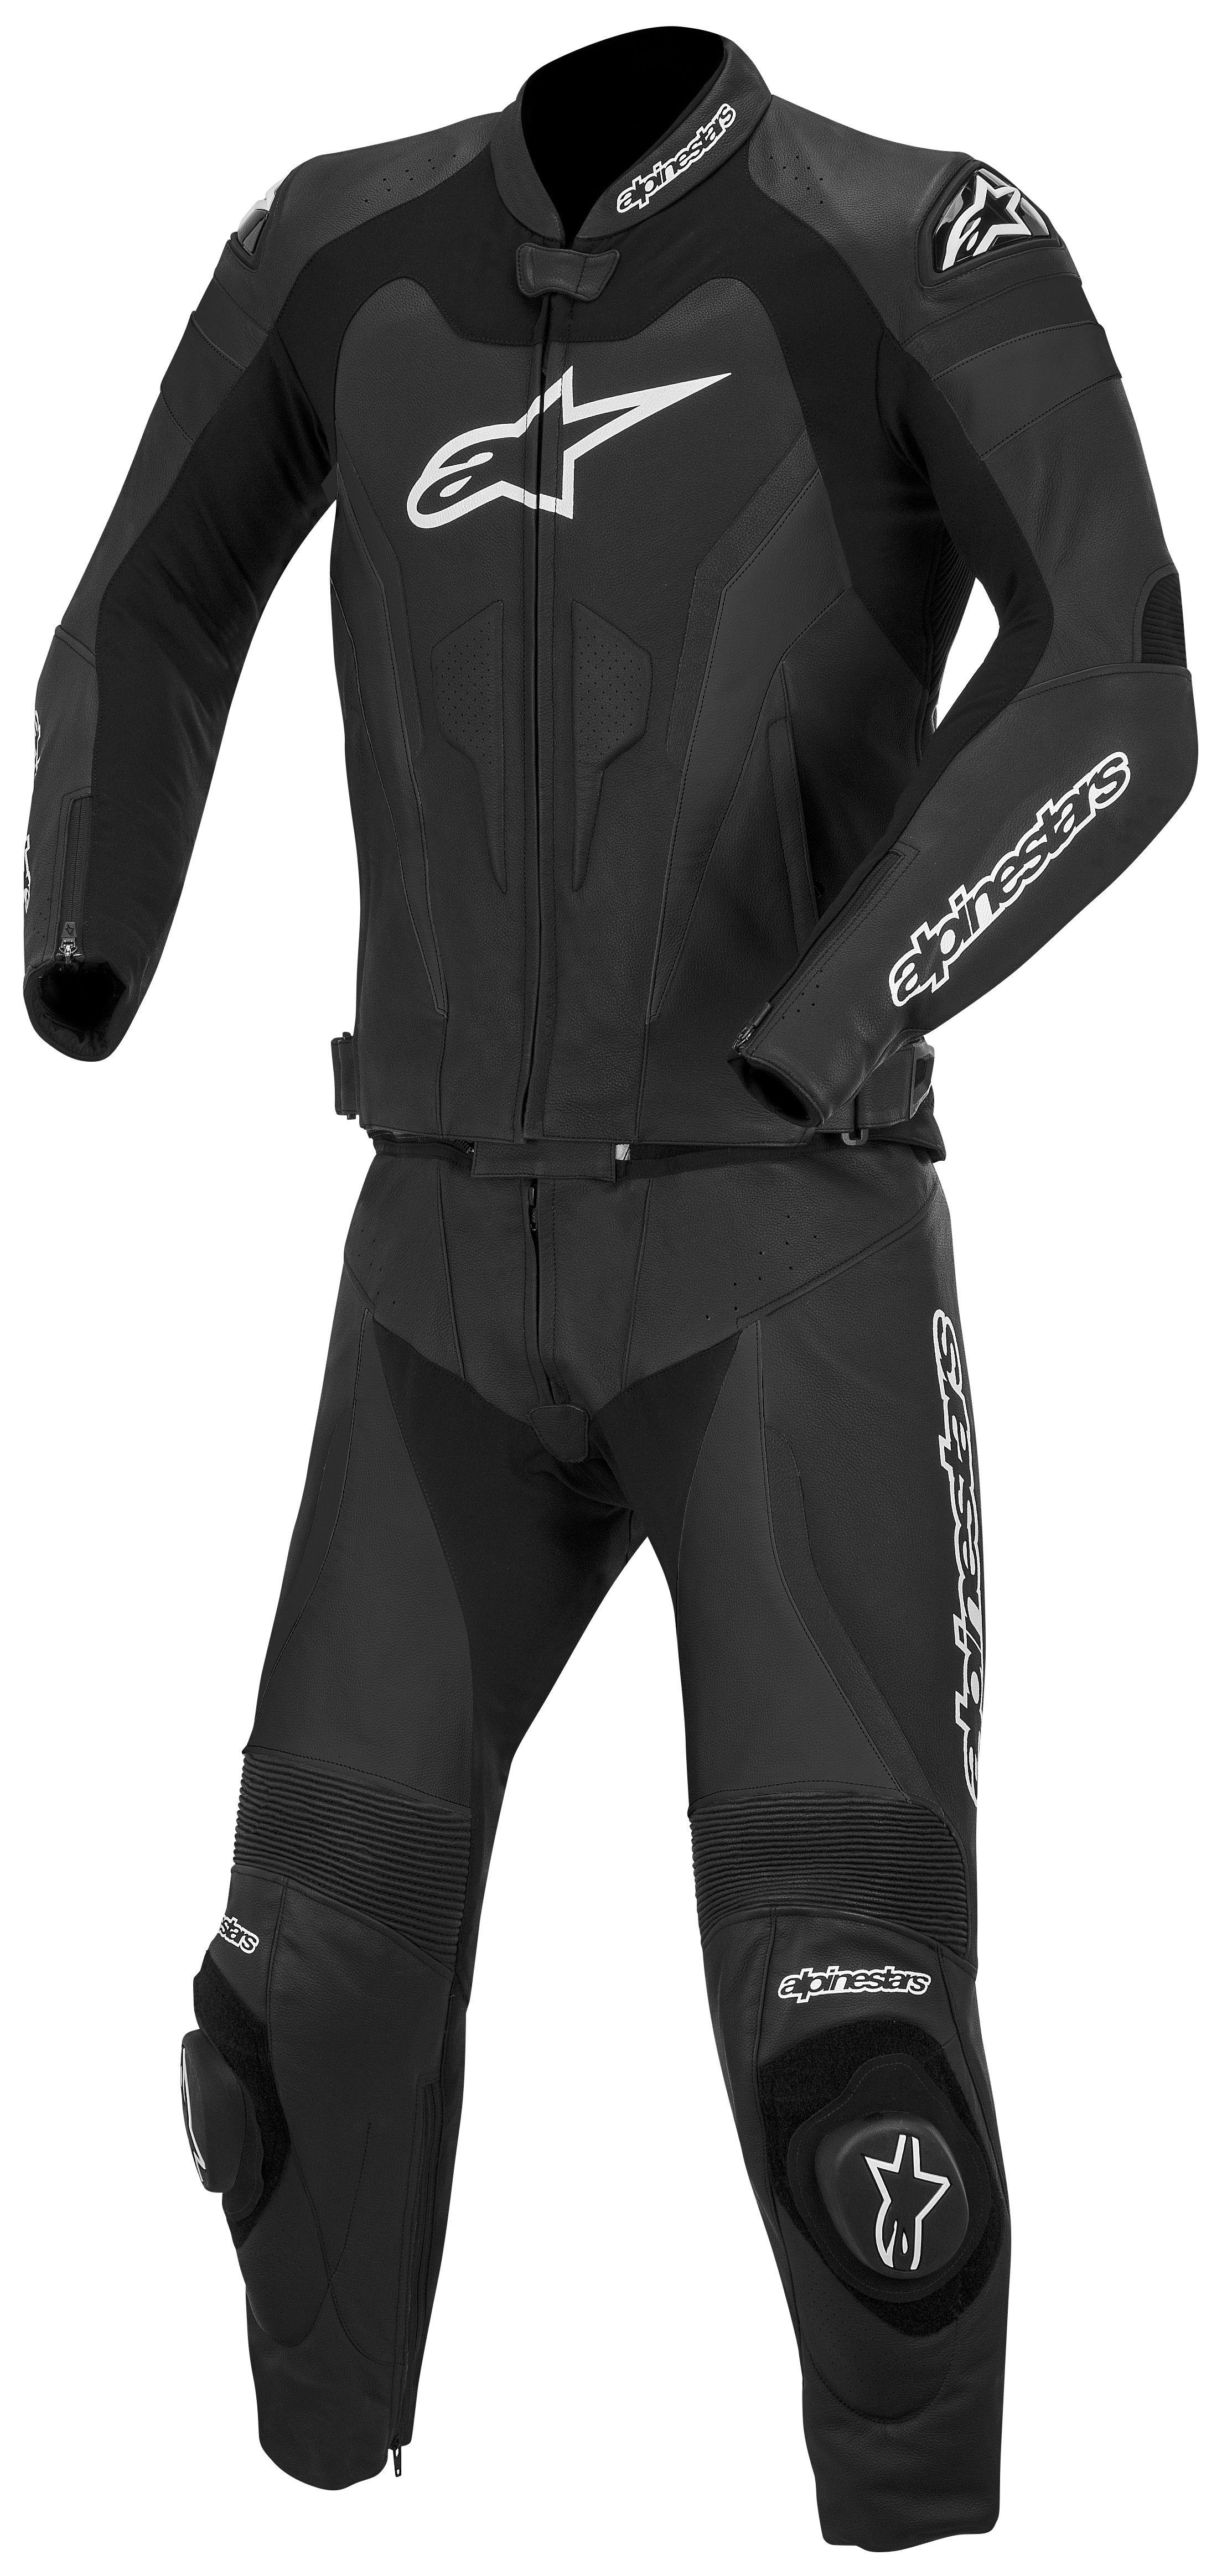 Alpinestars gp pro 2 piece race suit revzilla